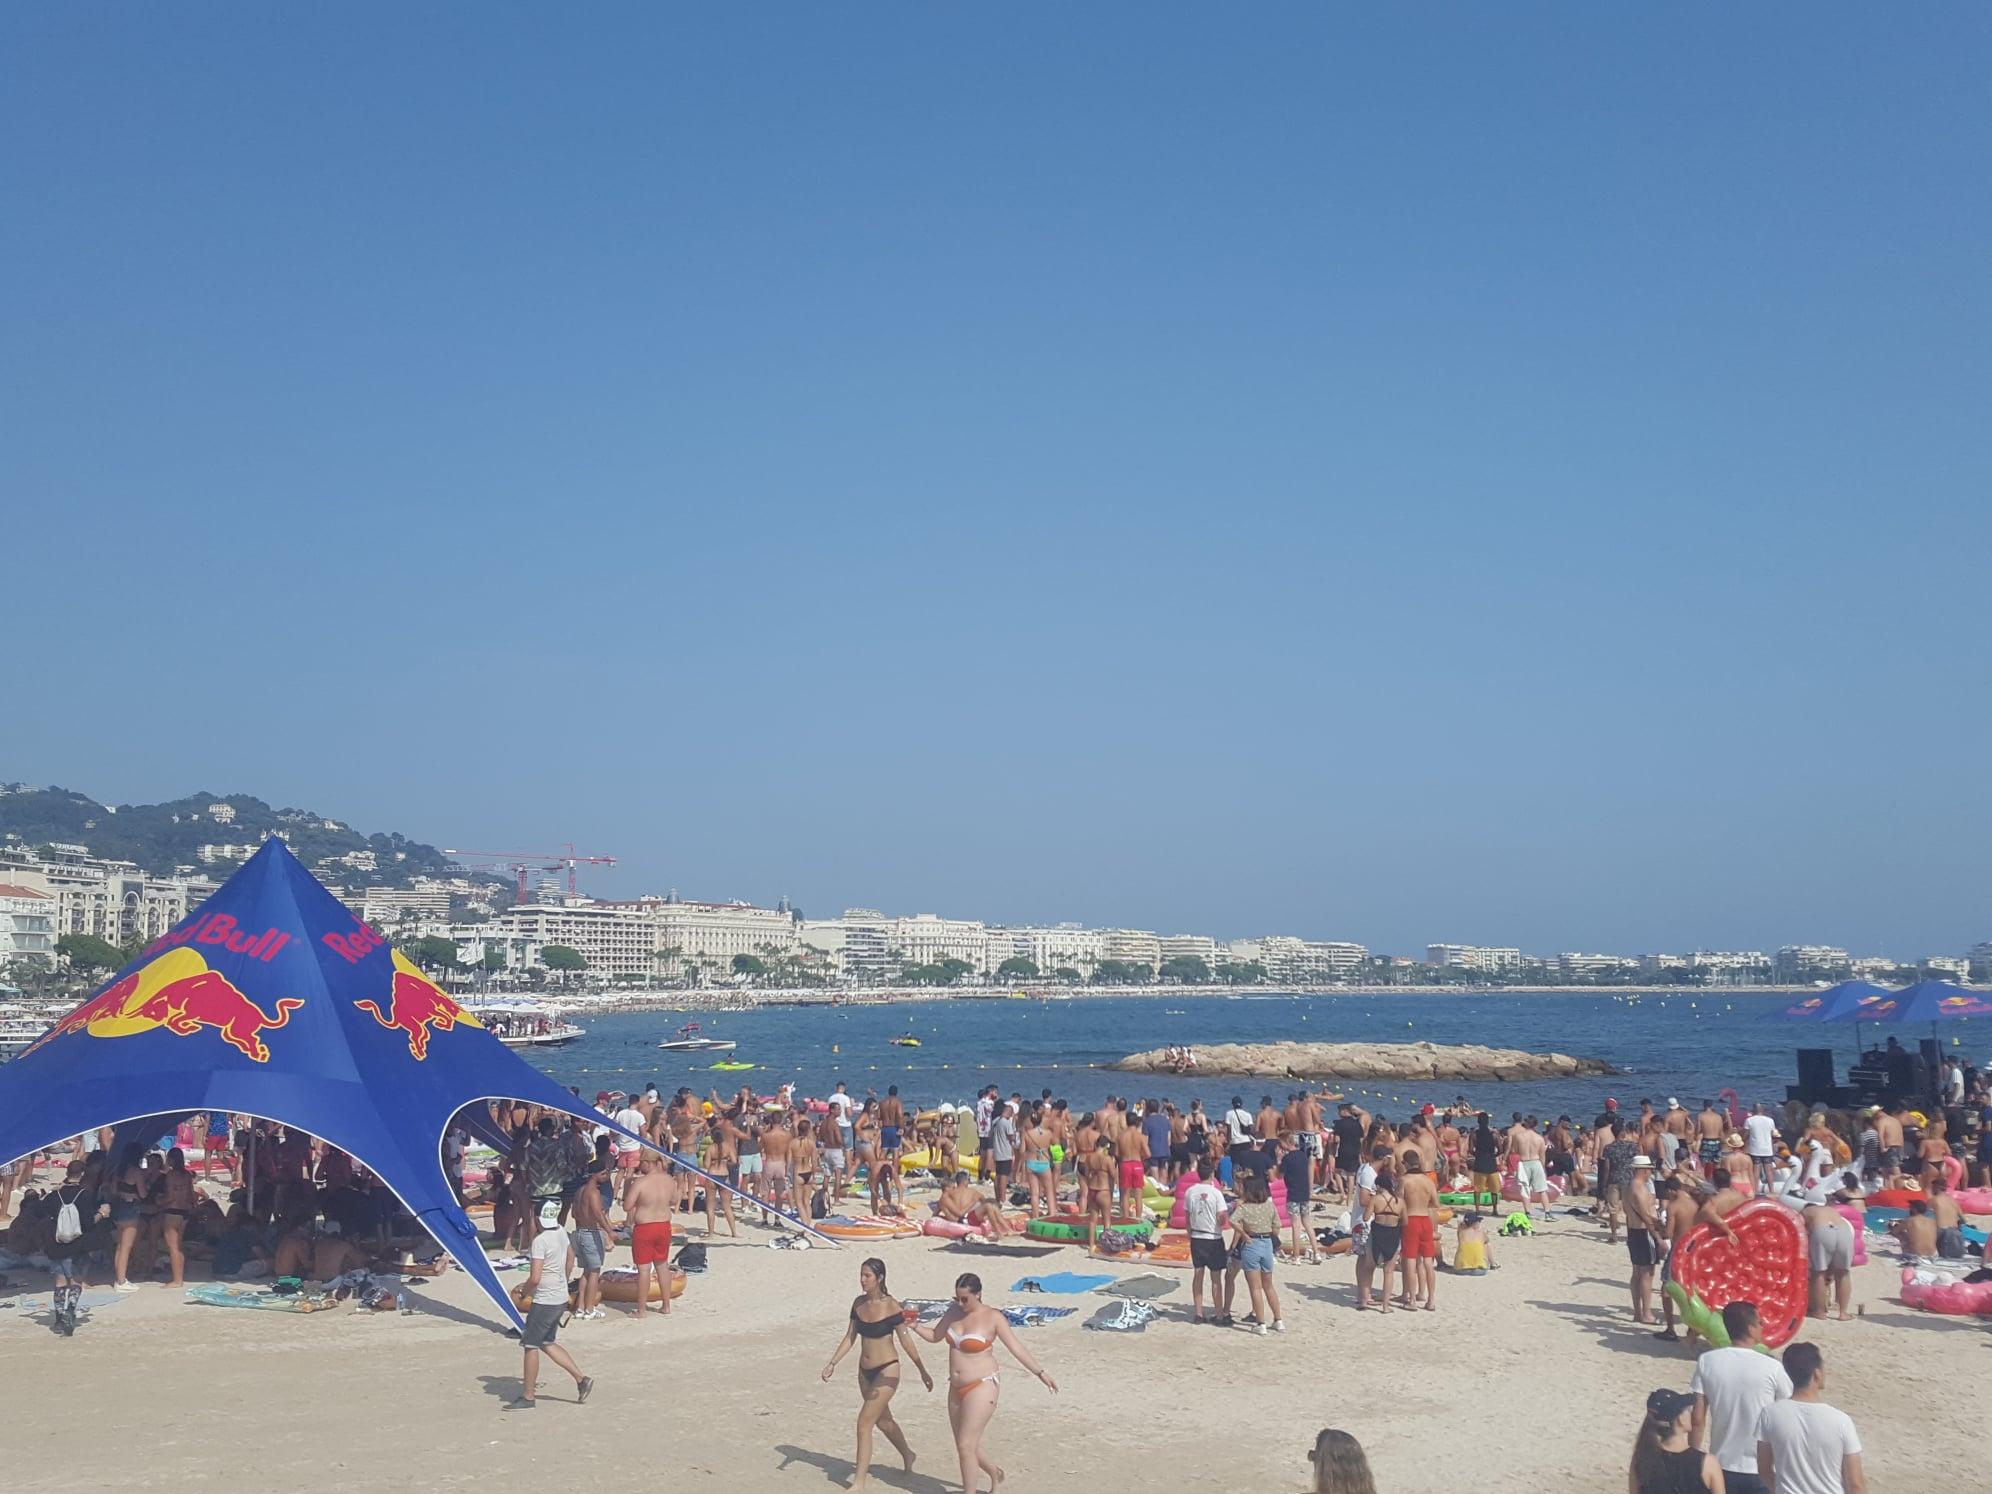 Les Plages électroniques - Cannes - 11 août 2019 - Plage et mer